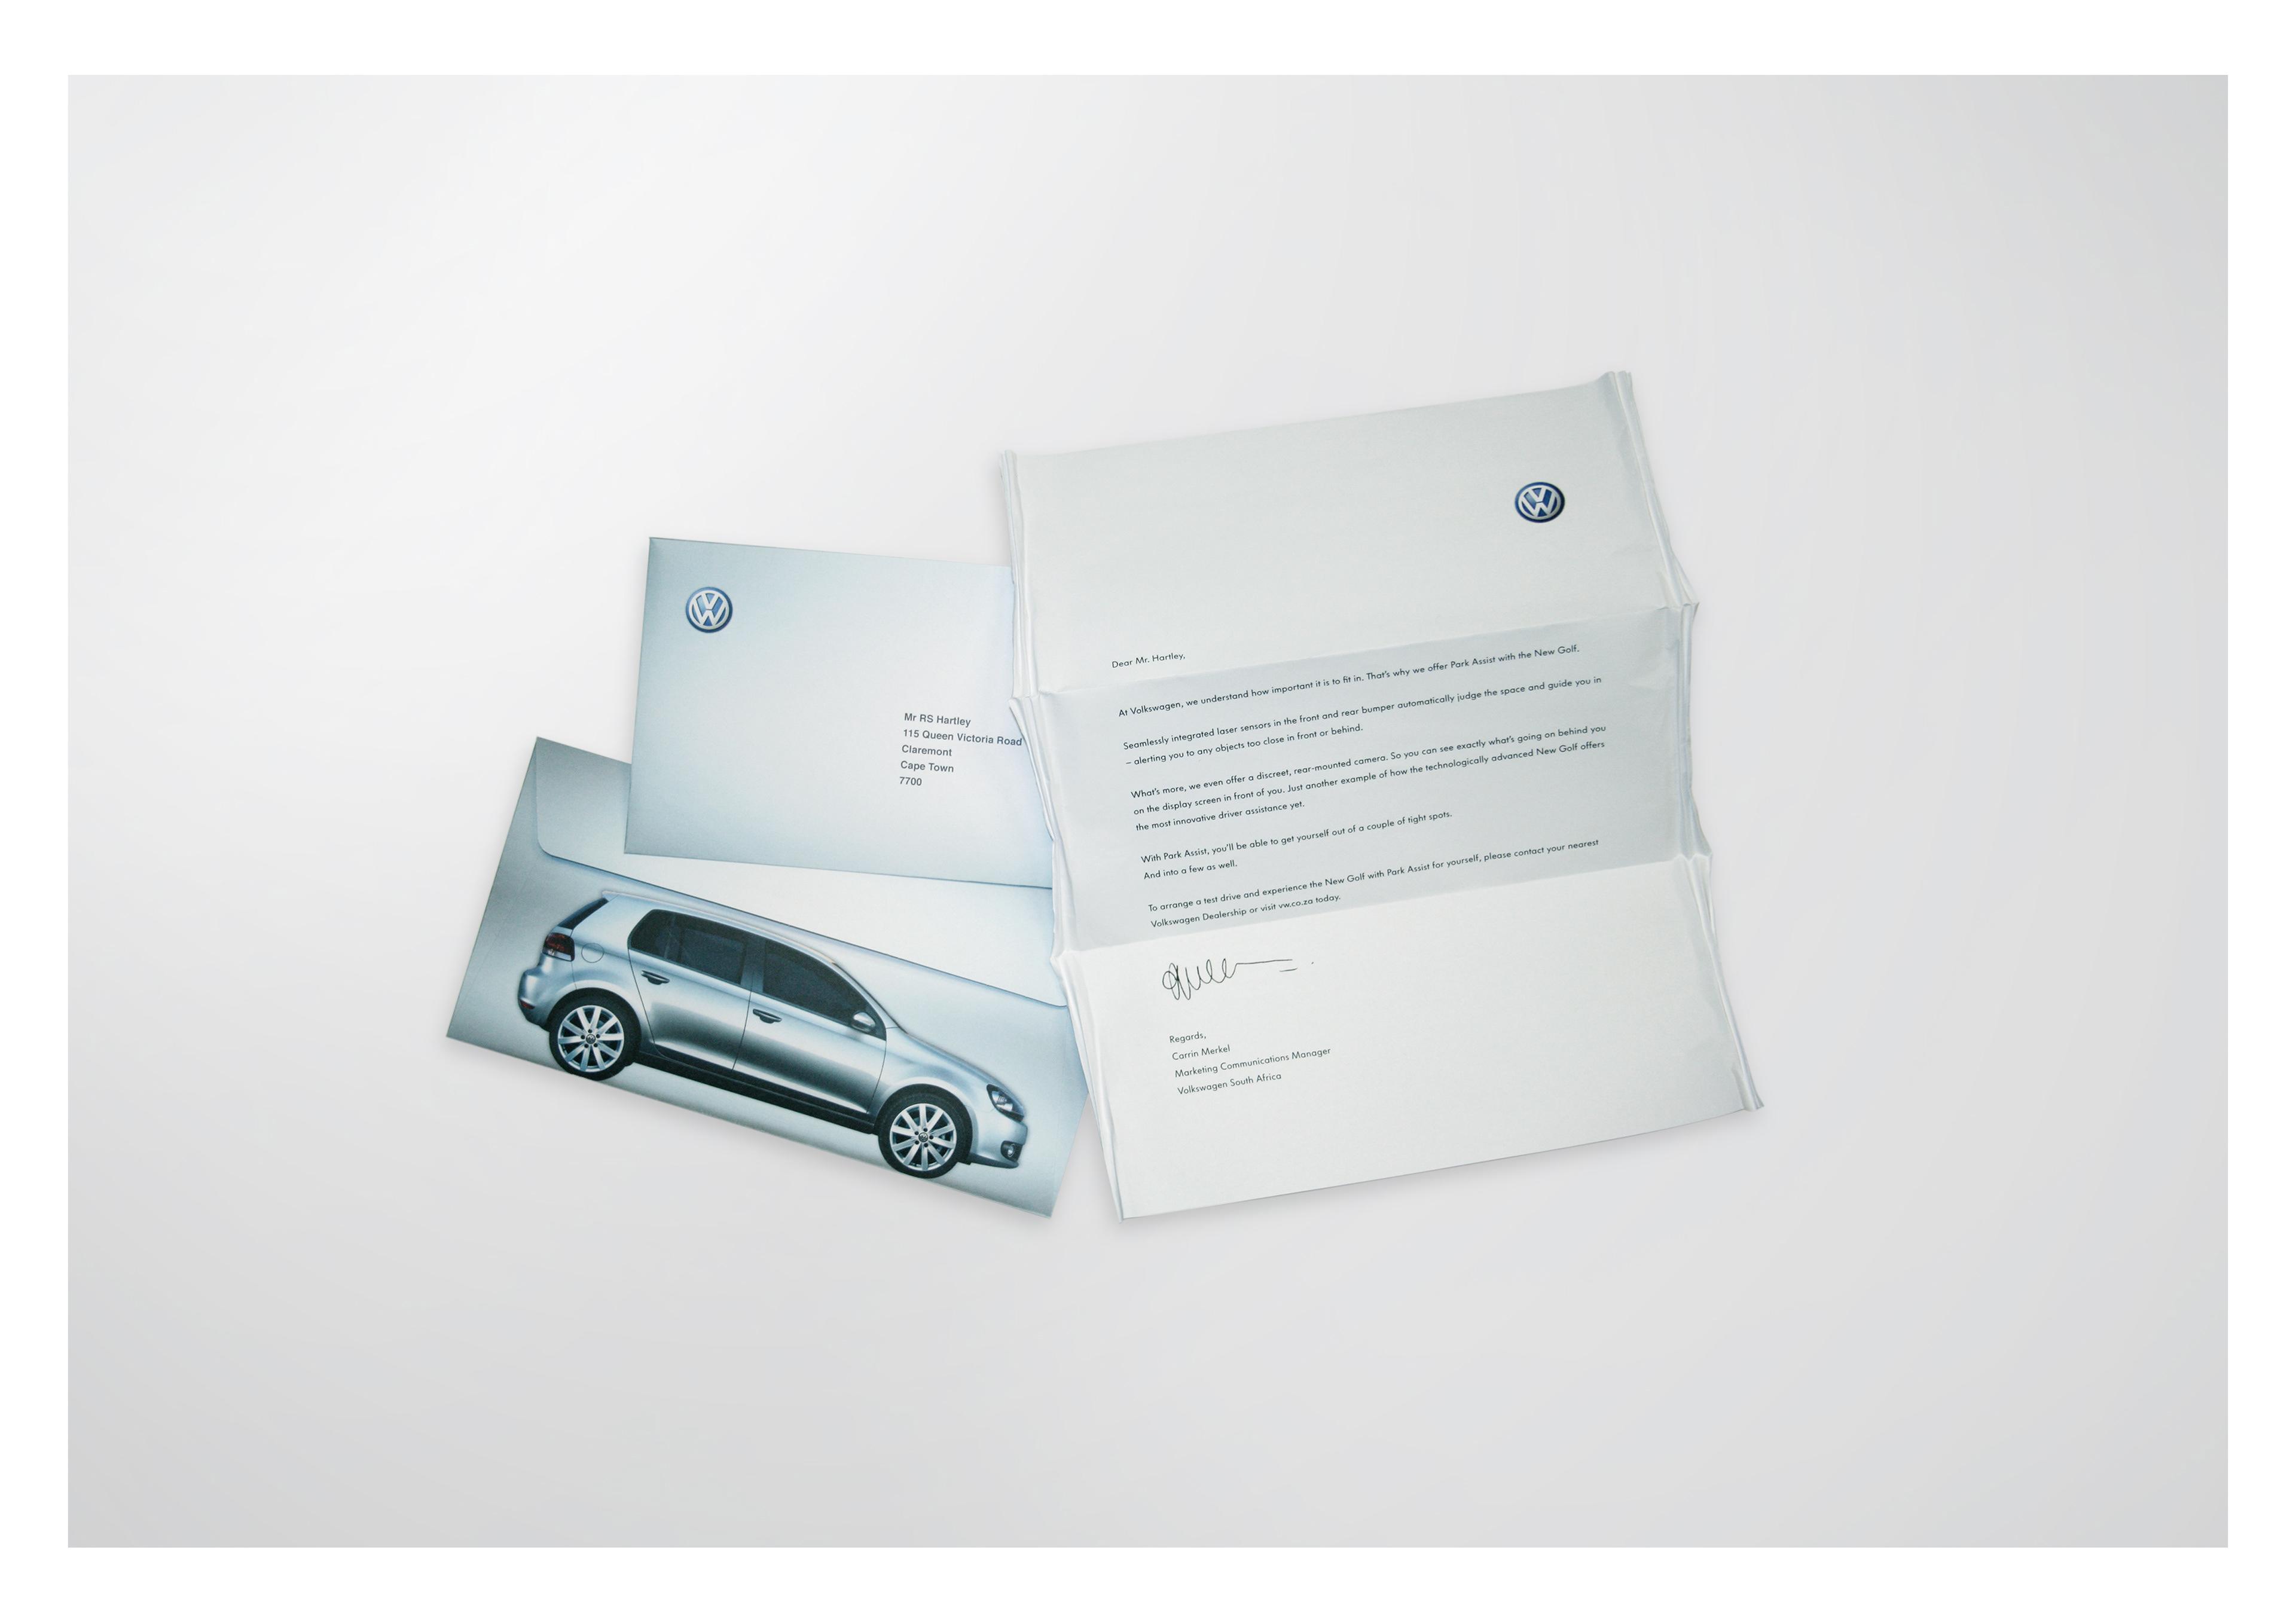 Robert Hartley - VW \'Park assist\': CRM